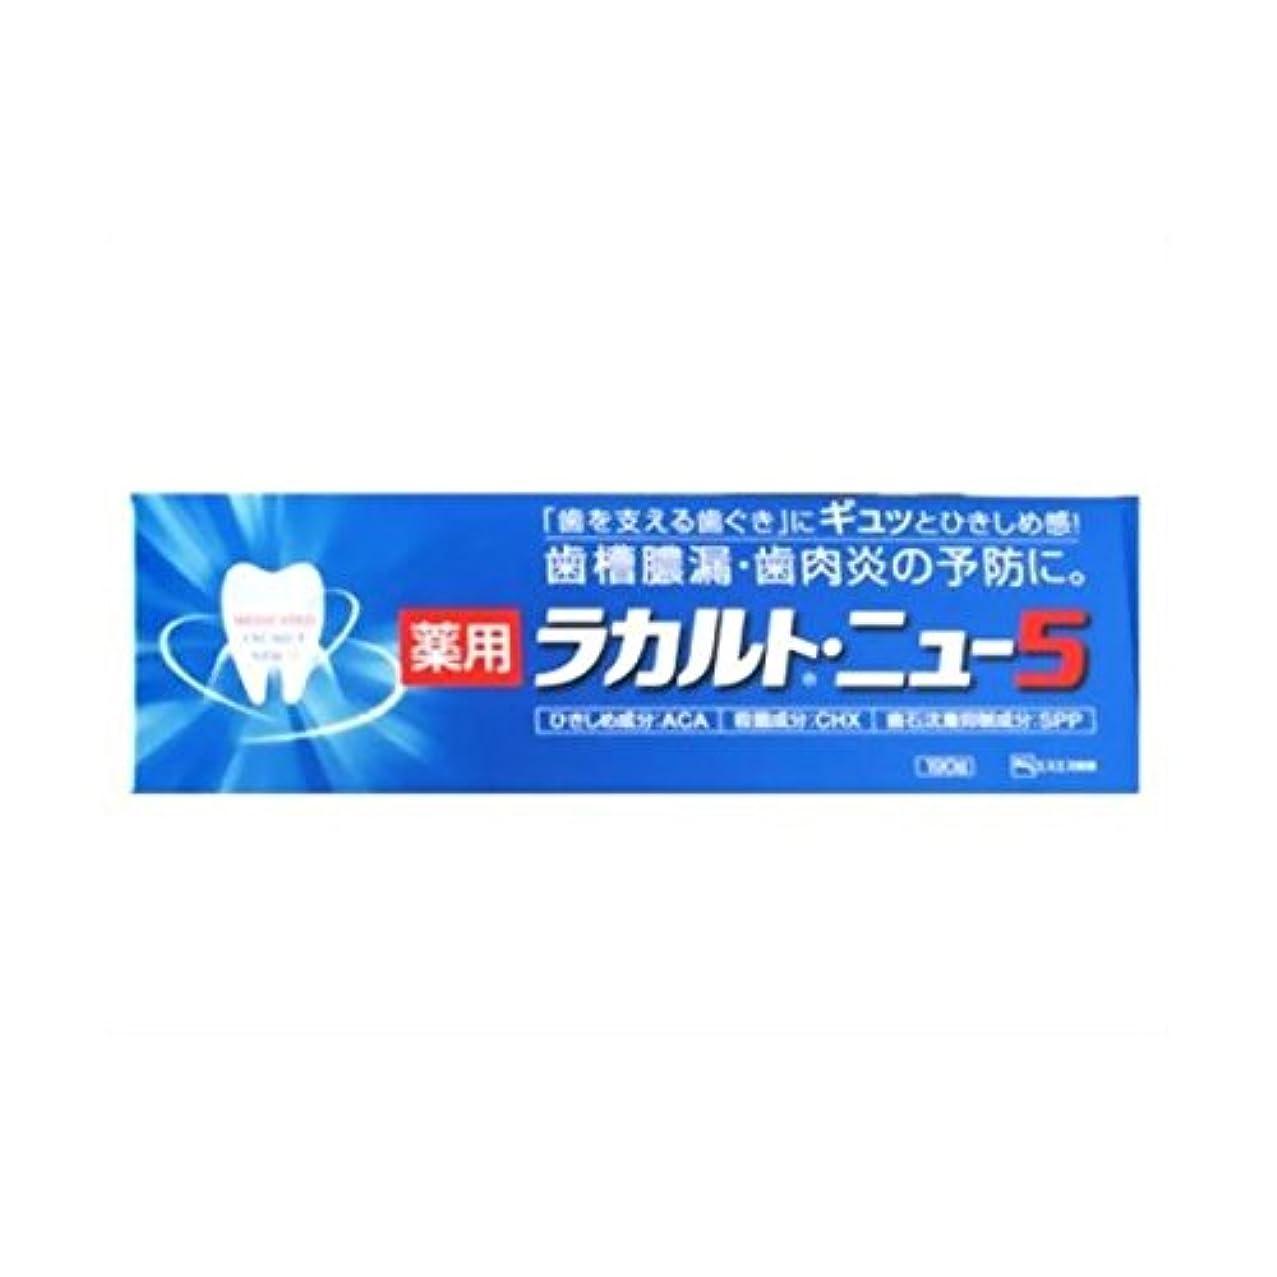 パス練るインポート【お徳用 3 セット】 薬用ラカルトニュー5 190g×3セット